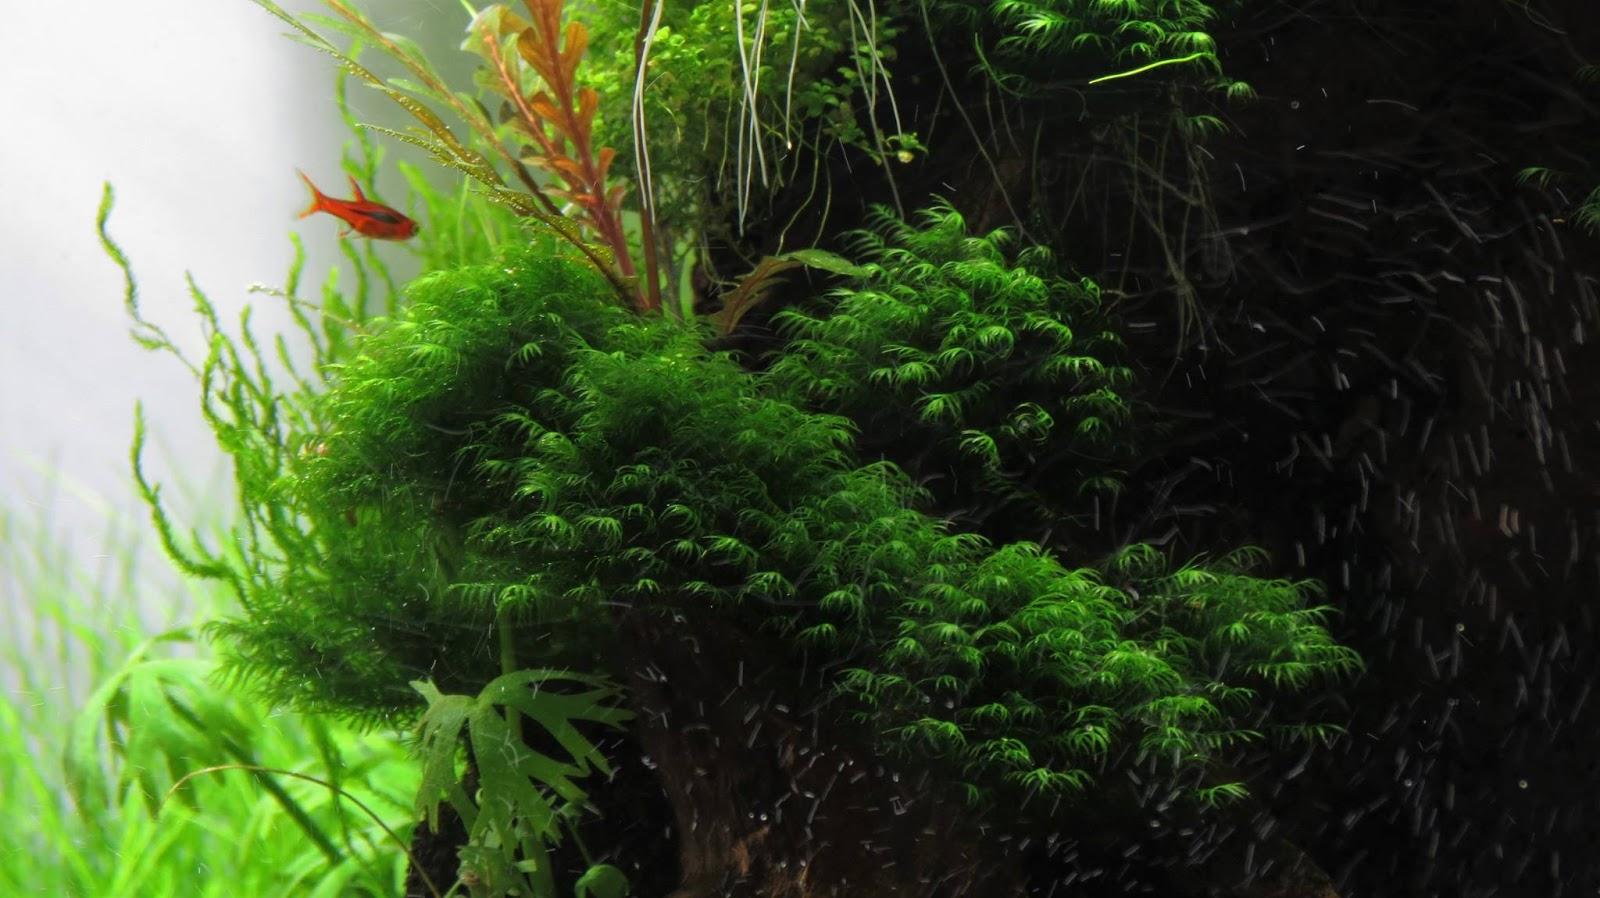 Rêu US fiss tuyệt đẹp trong hồ thủy sinh của Piga Ati